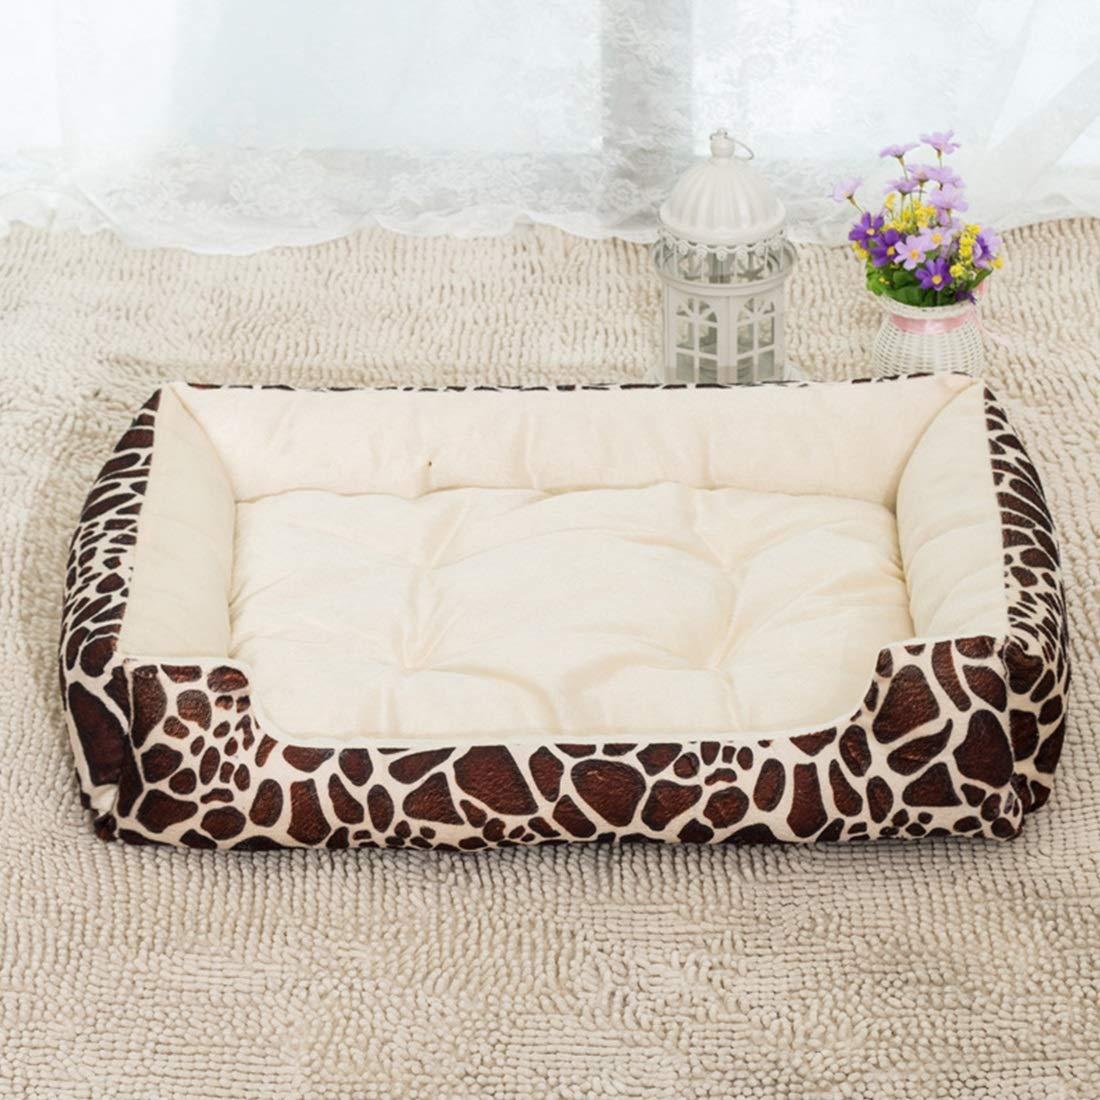 Beige deer L Beige deer L Uzanesx Pet Nest Cat Litter golden Retriever Dog Bed Mat Kennel Pet Supplies (color   Beige deer, Size   L)